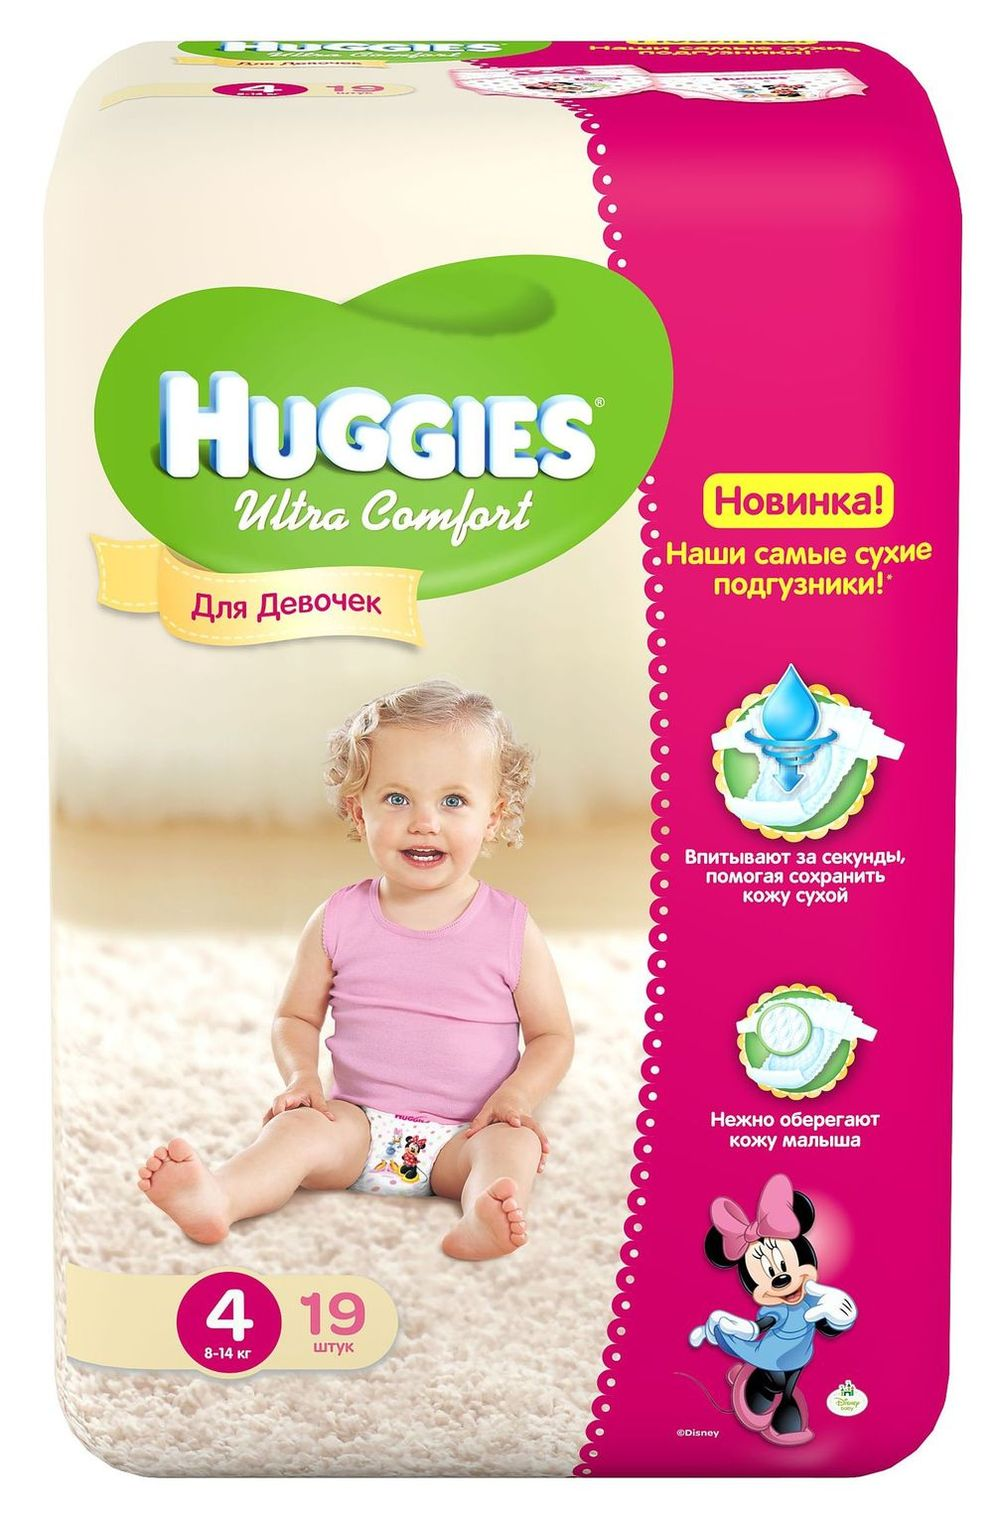 """Подгузники Хаггис """"Huggies Ultra Comfort №4 (8-14 кг)"""" 19 штук в упак., для девочек"""